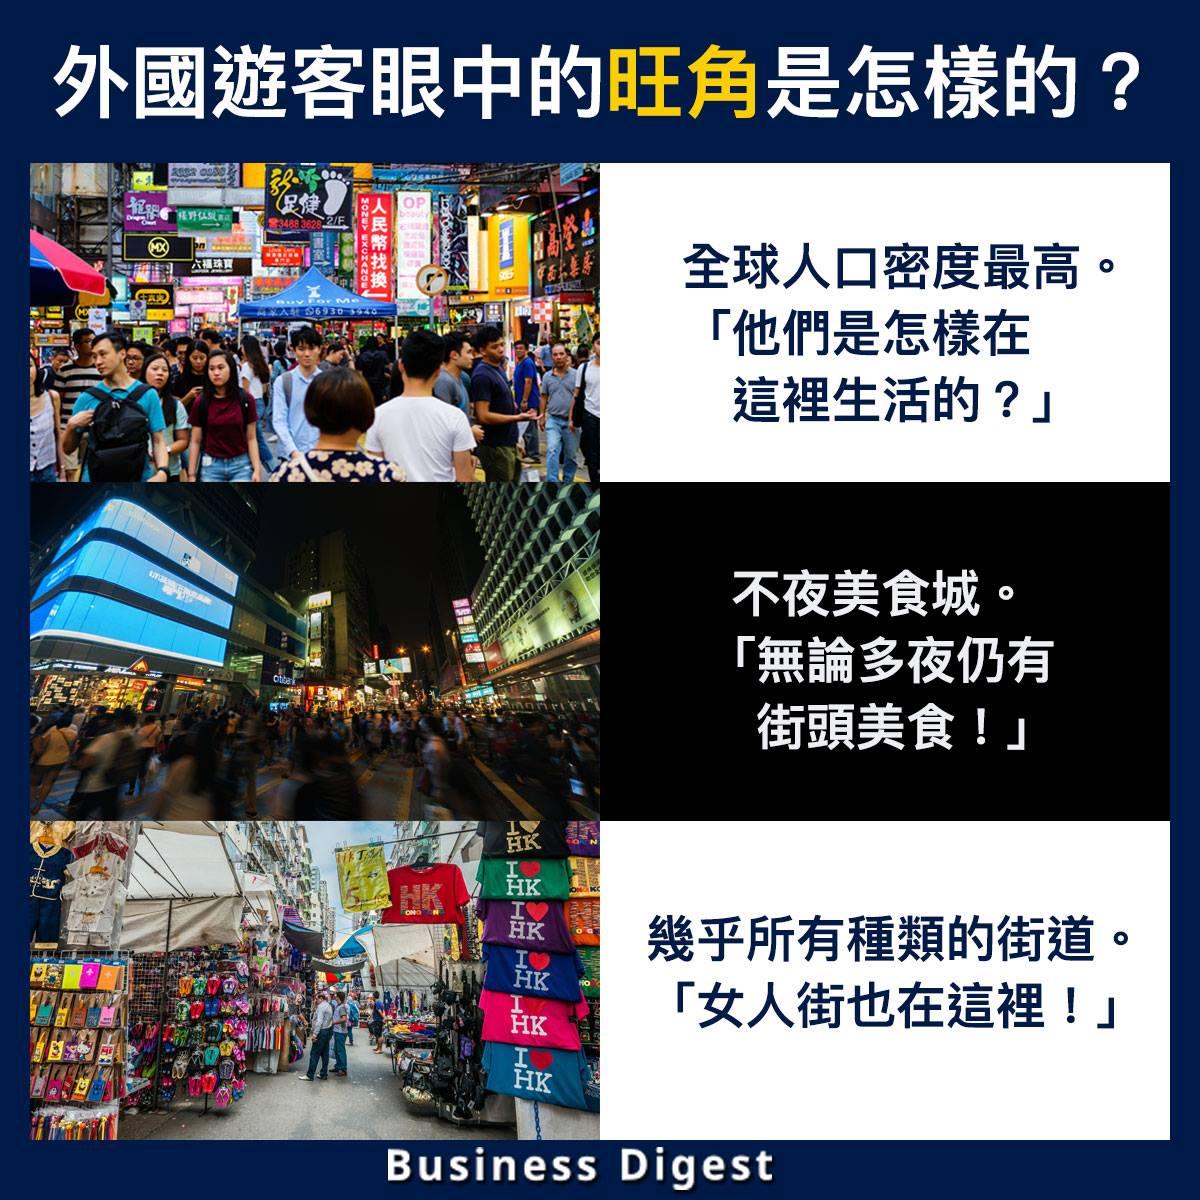 【商業熱話】外國遊客眼中的旺角是怎樣的?